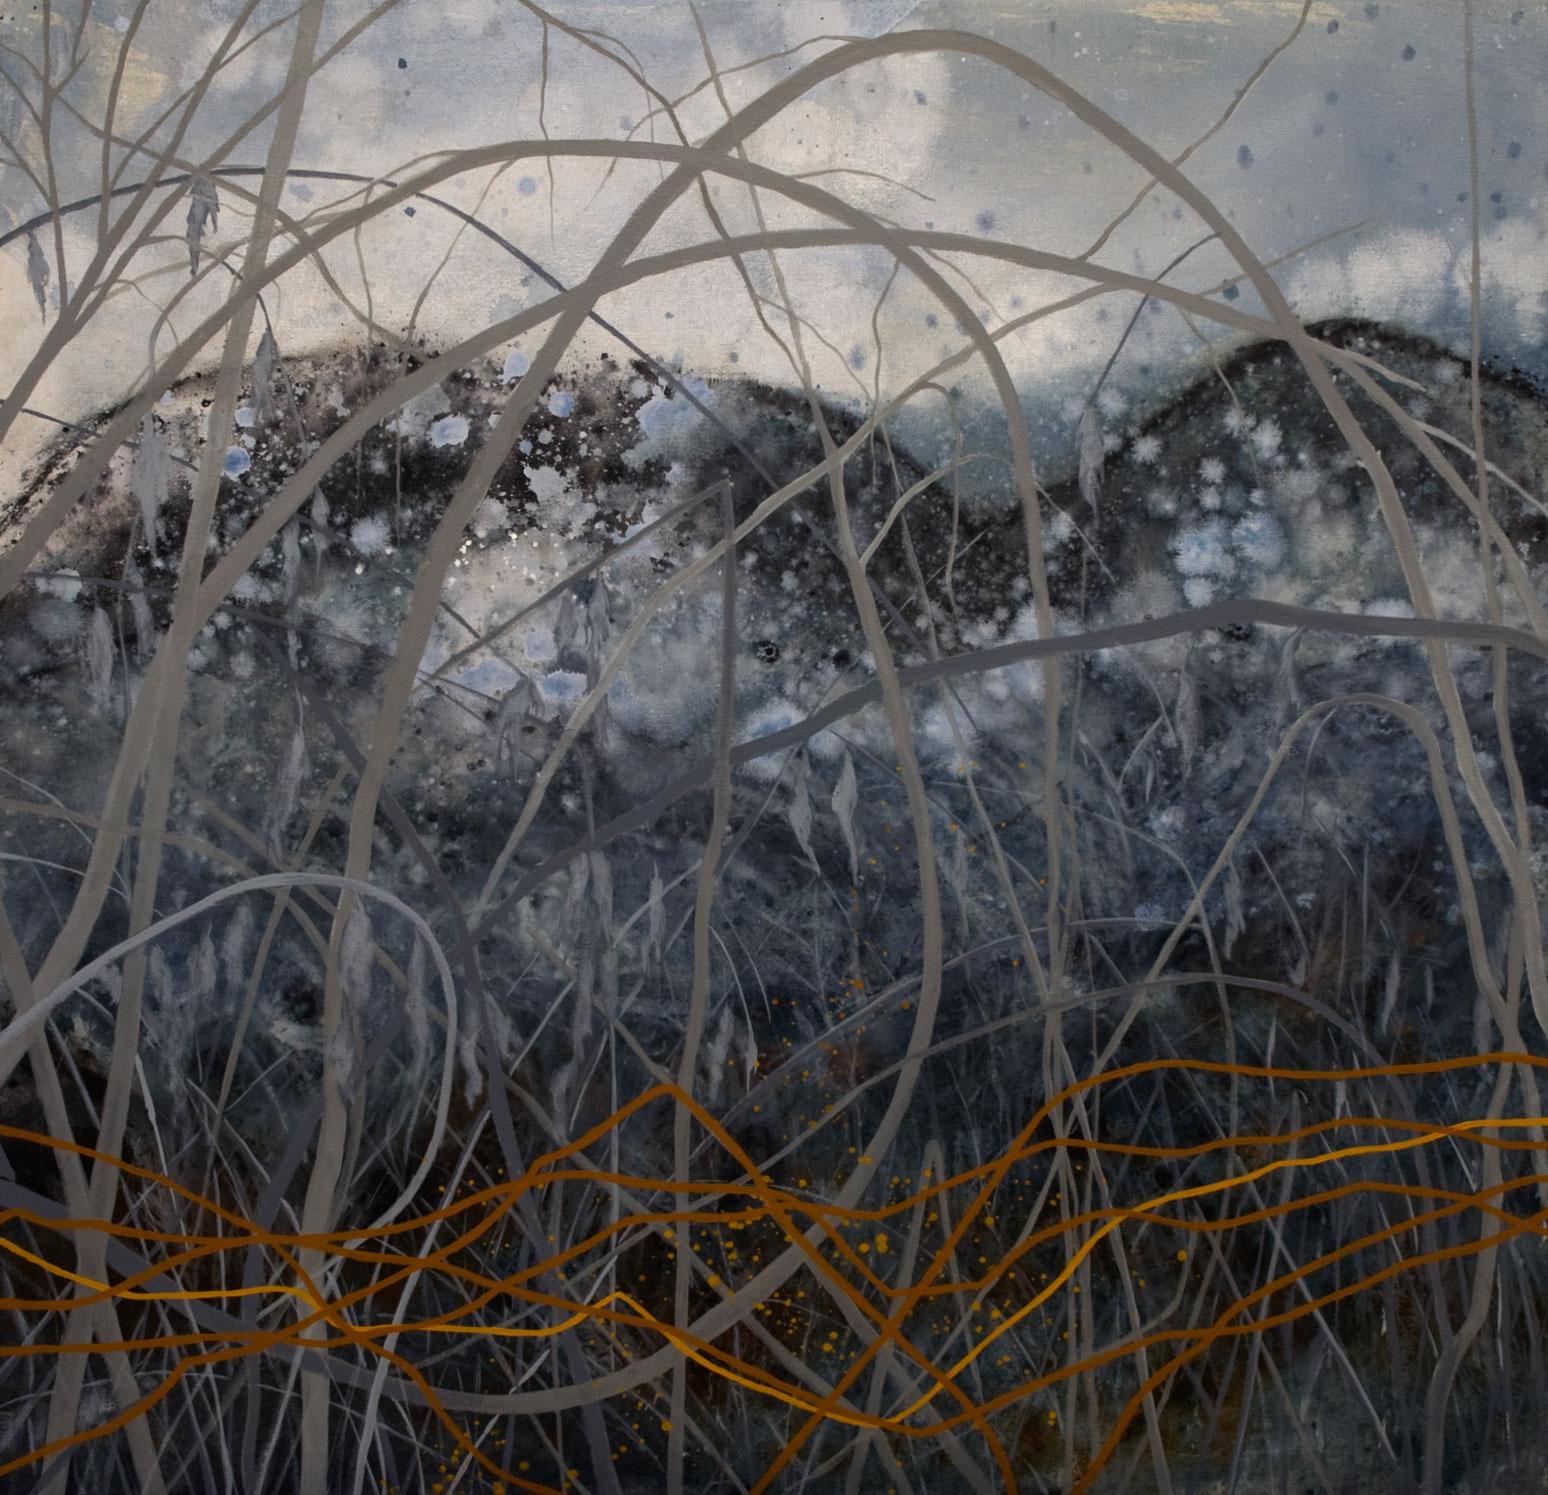 Les lucioles no2 acrylique sur toile  91 x 91 cm